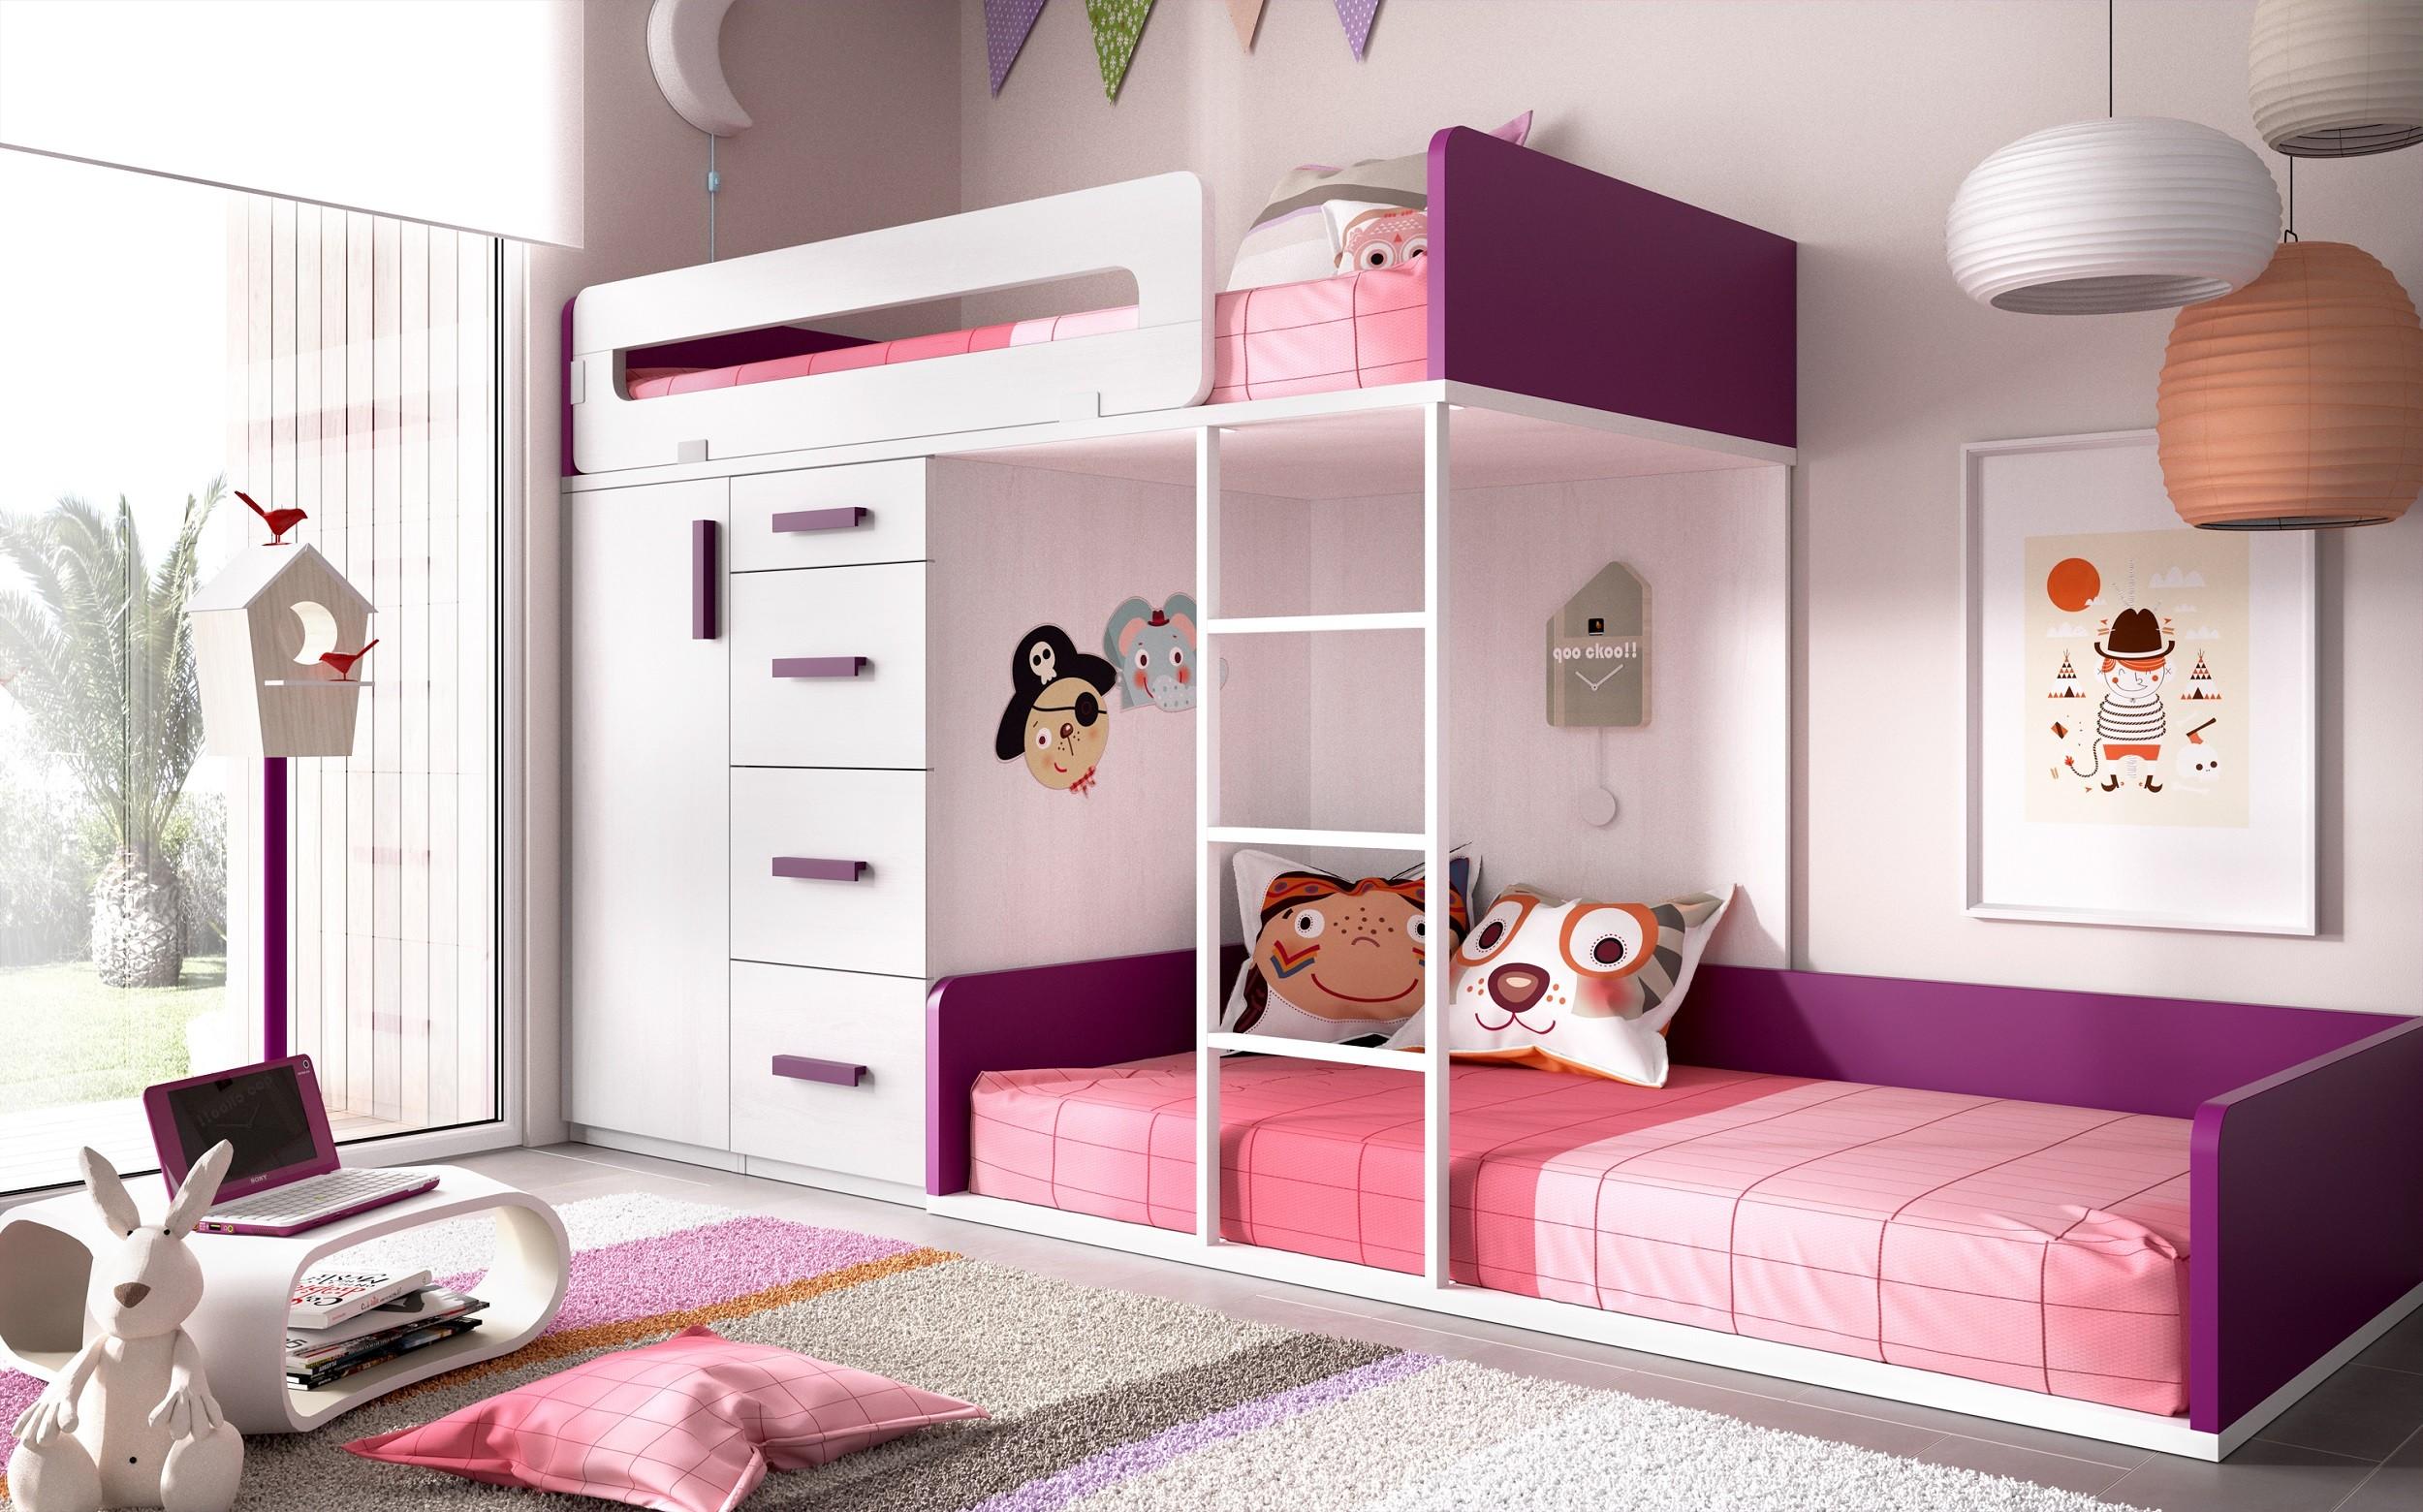 Full Size of Hochbett Kinderzimmer Jump 319 Ambiatode Traum Vom Raum Regal Weiß Sofa Regale Kinderzimmer Hochbett Kinderzimmer